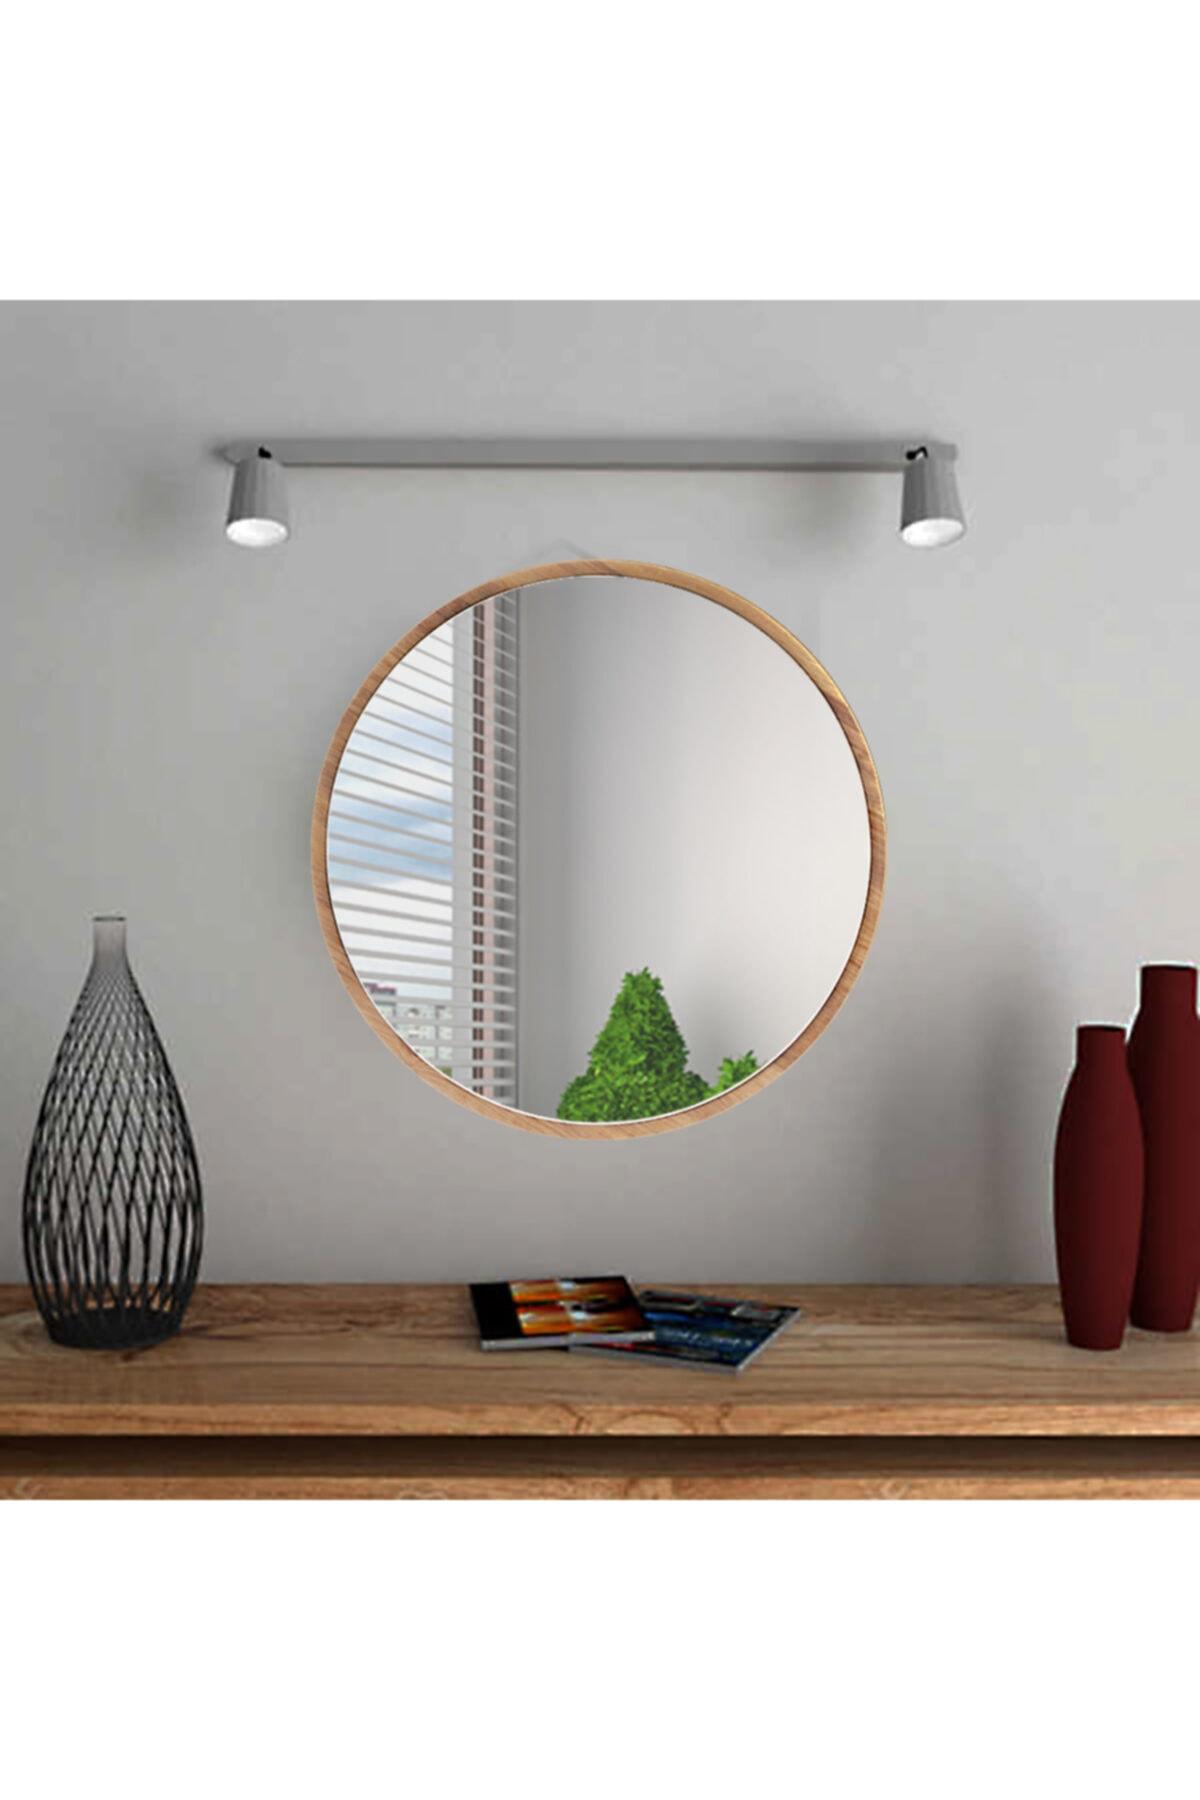 bluecape Yuvarlak Ceviz Duvar Salon Ofis Aynası 60 cm 1